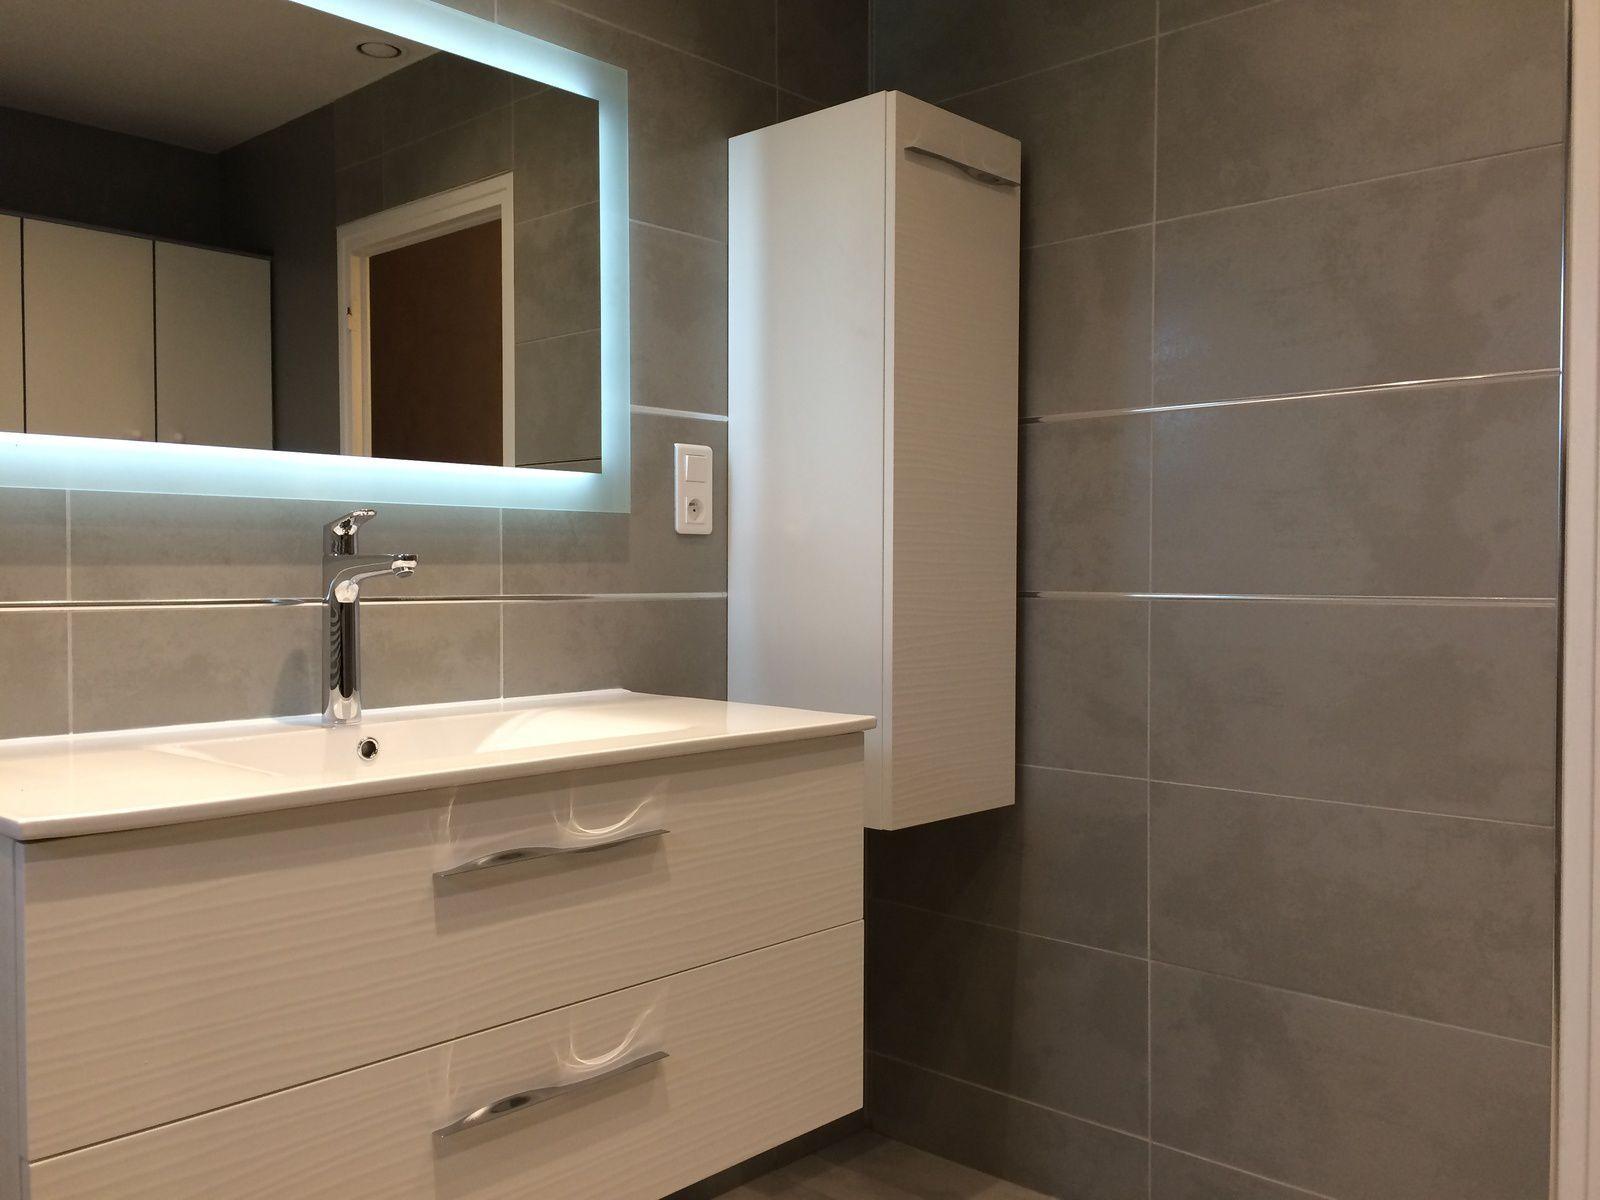 salle de bain avec bac à douche extra plat aquabella 150x100 (chatte